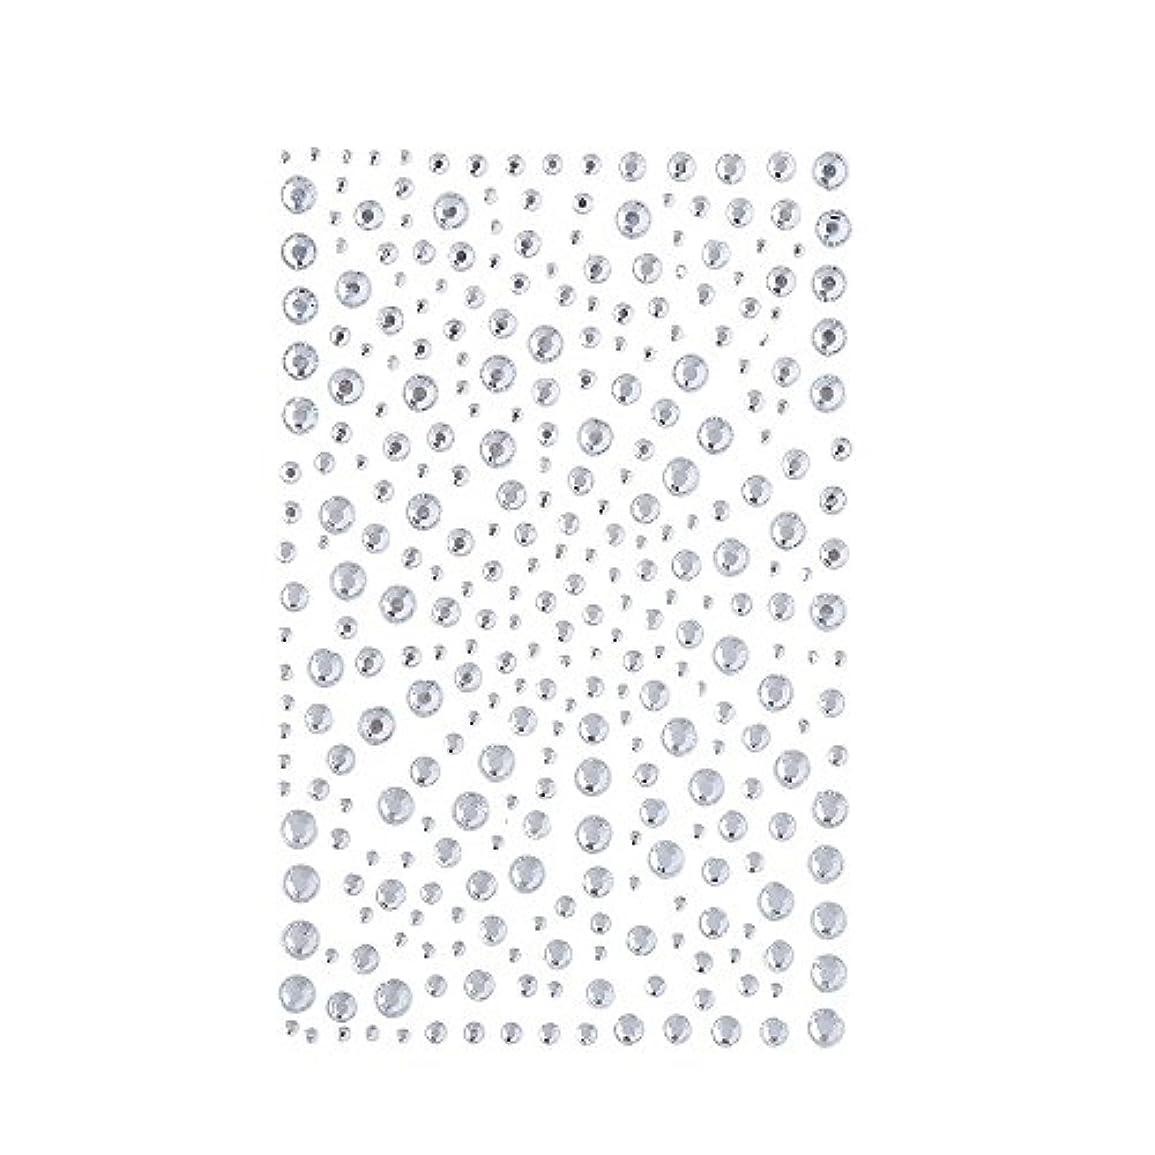 空中顎エンターテインメントラインストーン 人工ダイヤモンド スワロフスキー ホットフィックス 325粒 (白)